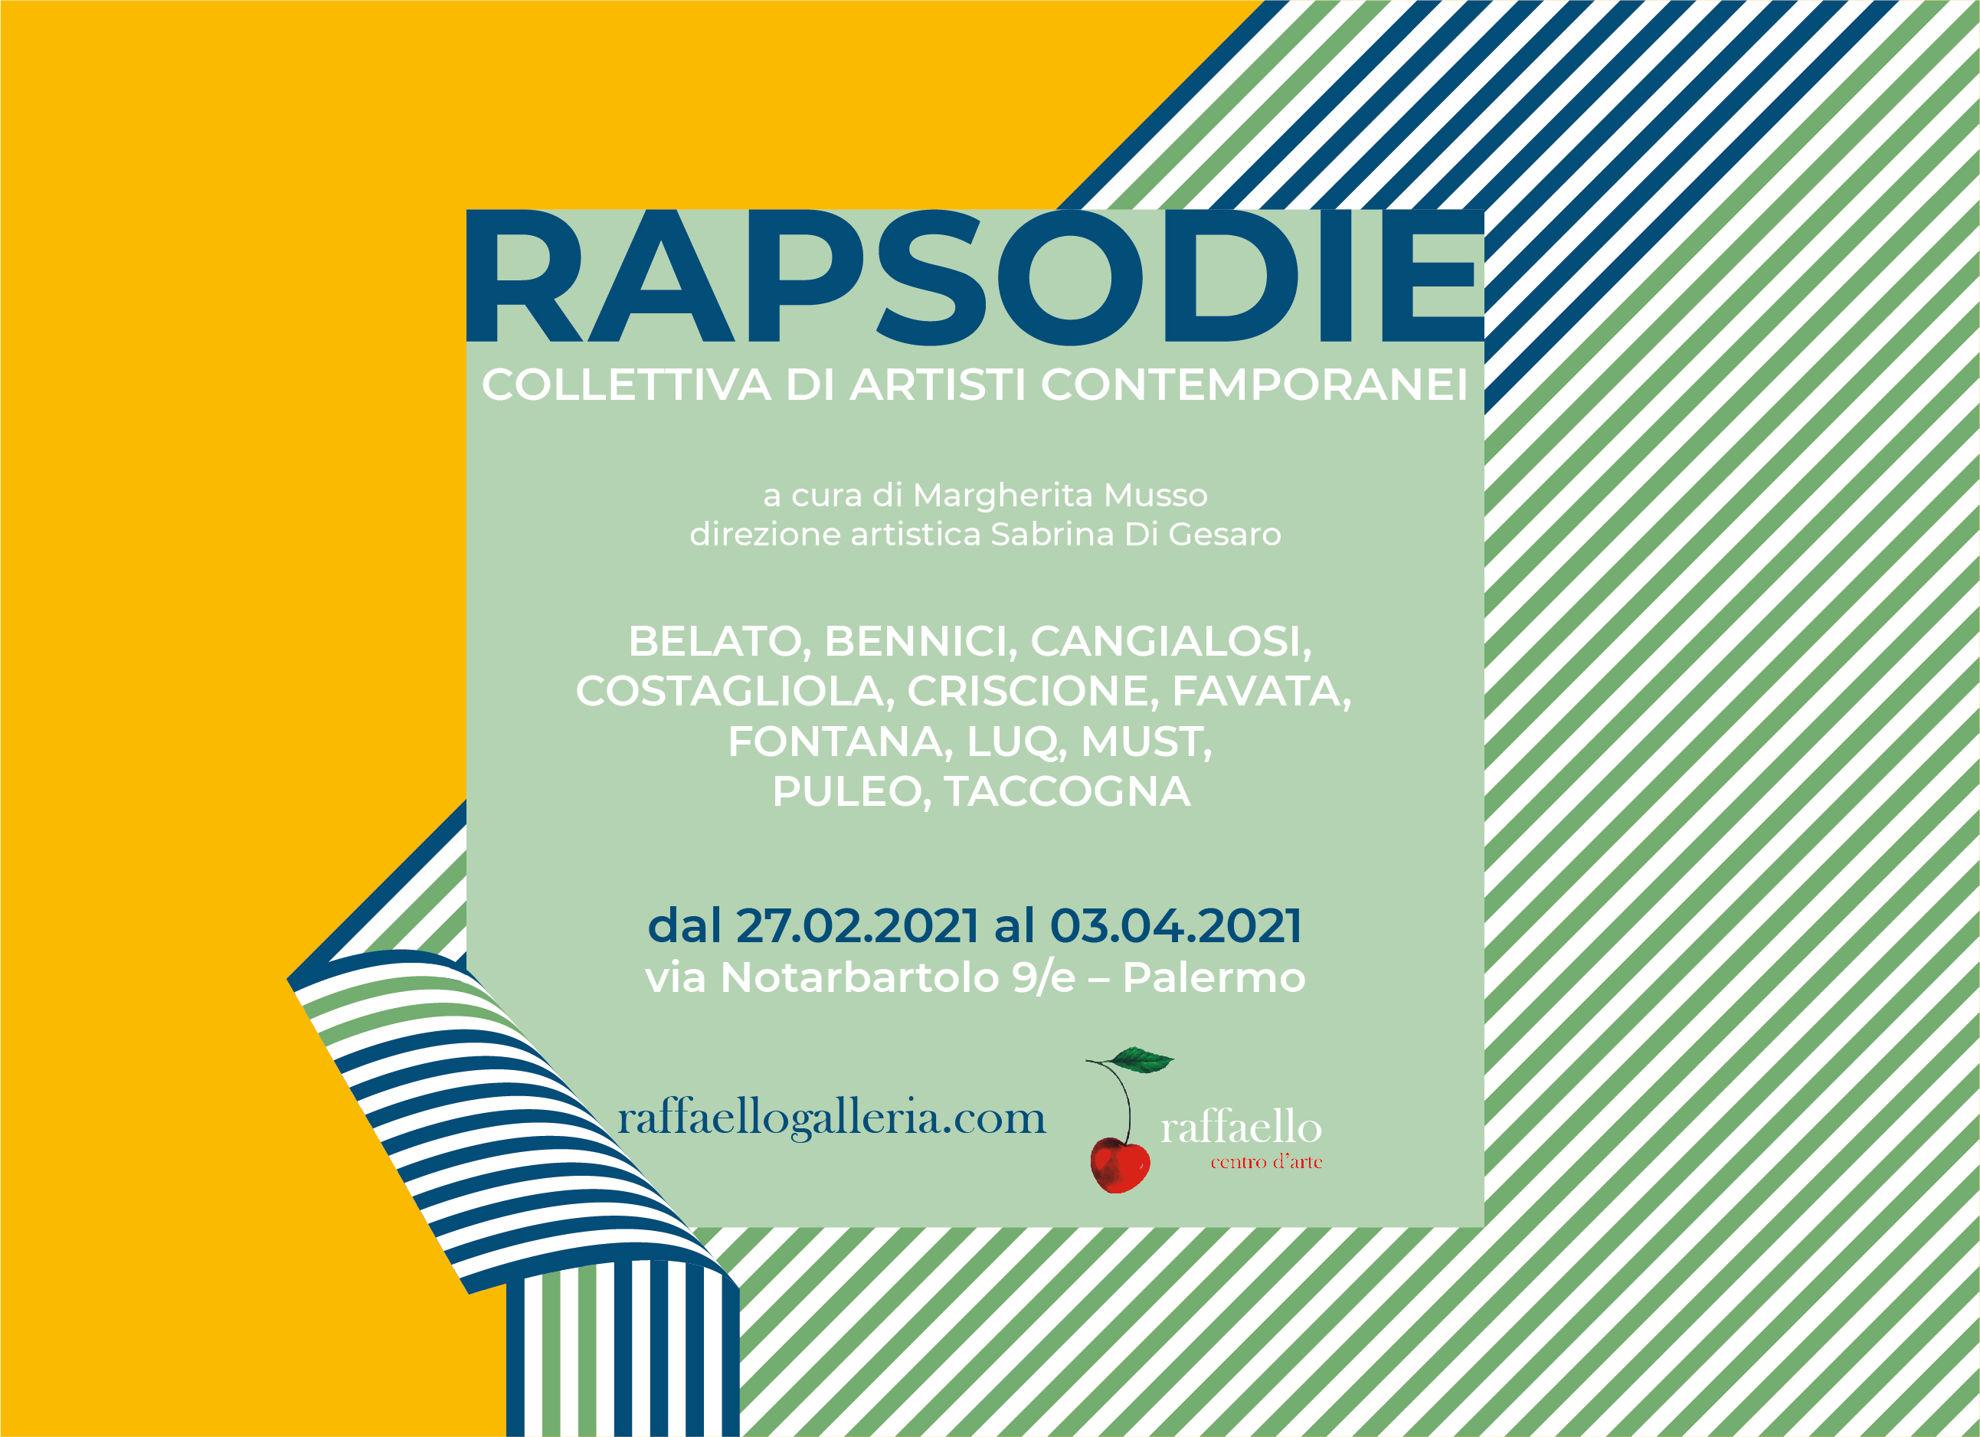 RAPSODIE, dal 27 febbraio al 3 aprile 2021 – mostra collettiva da Raffaello centro d'arte